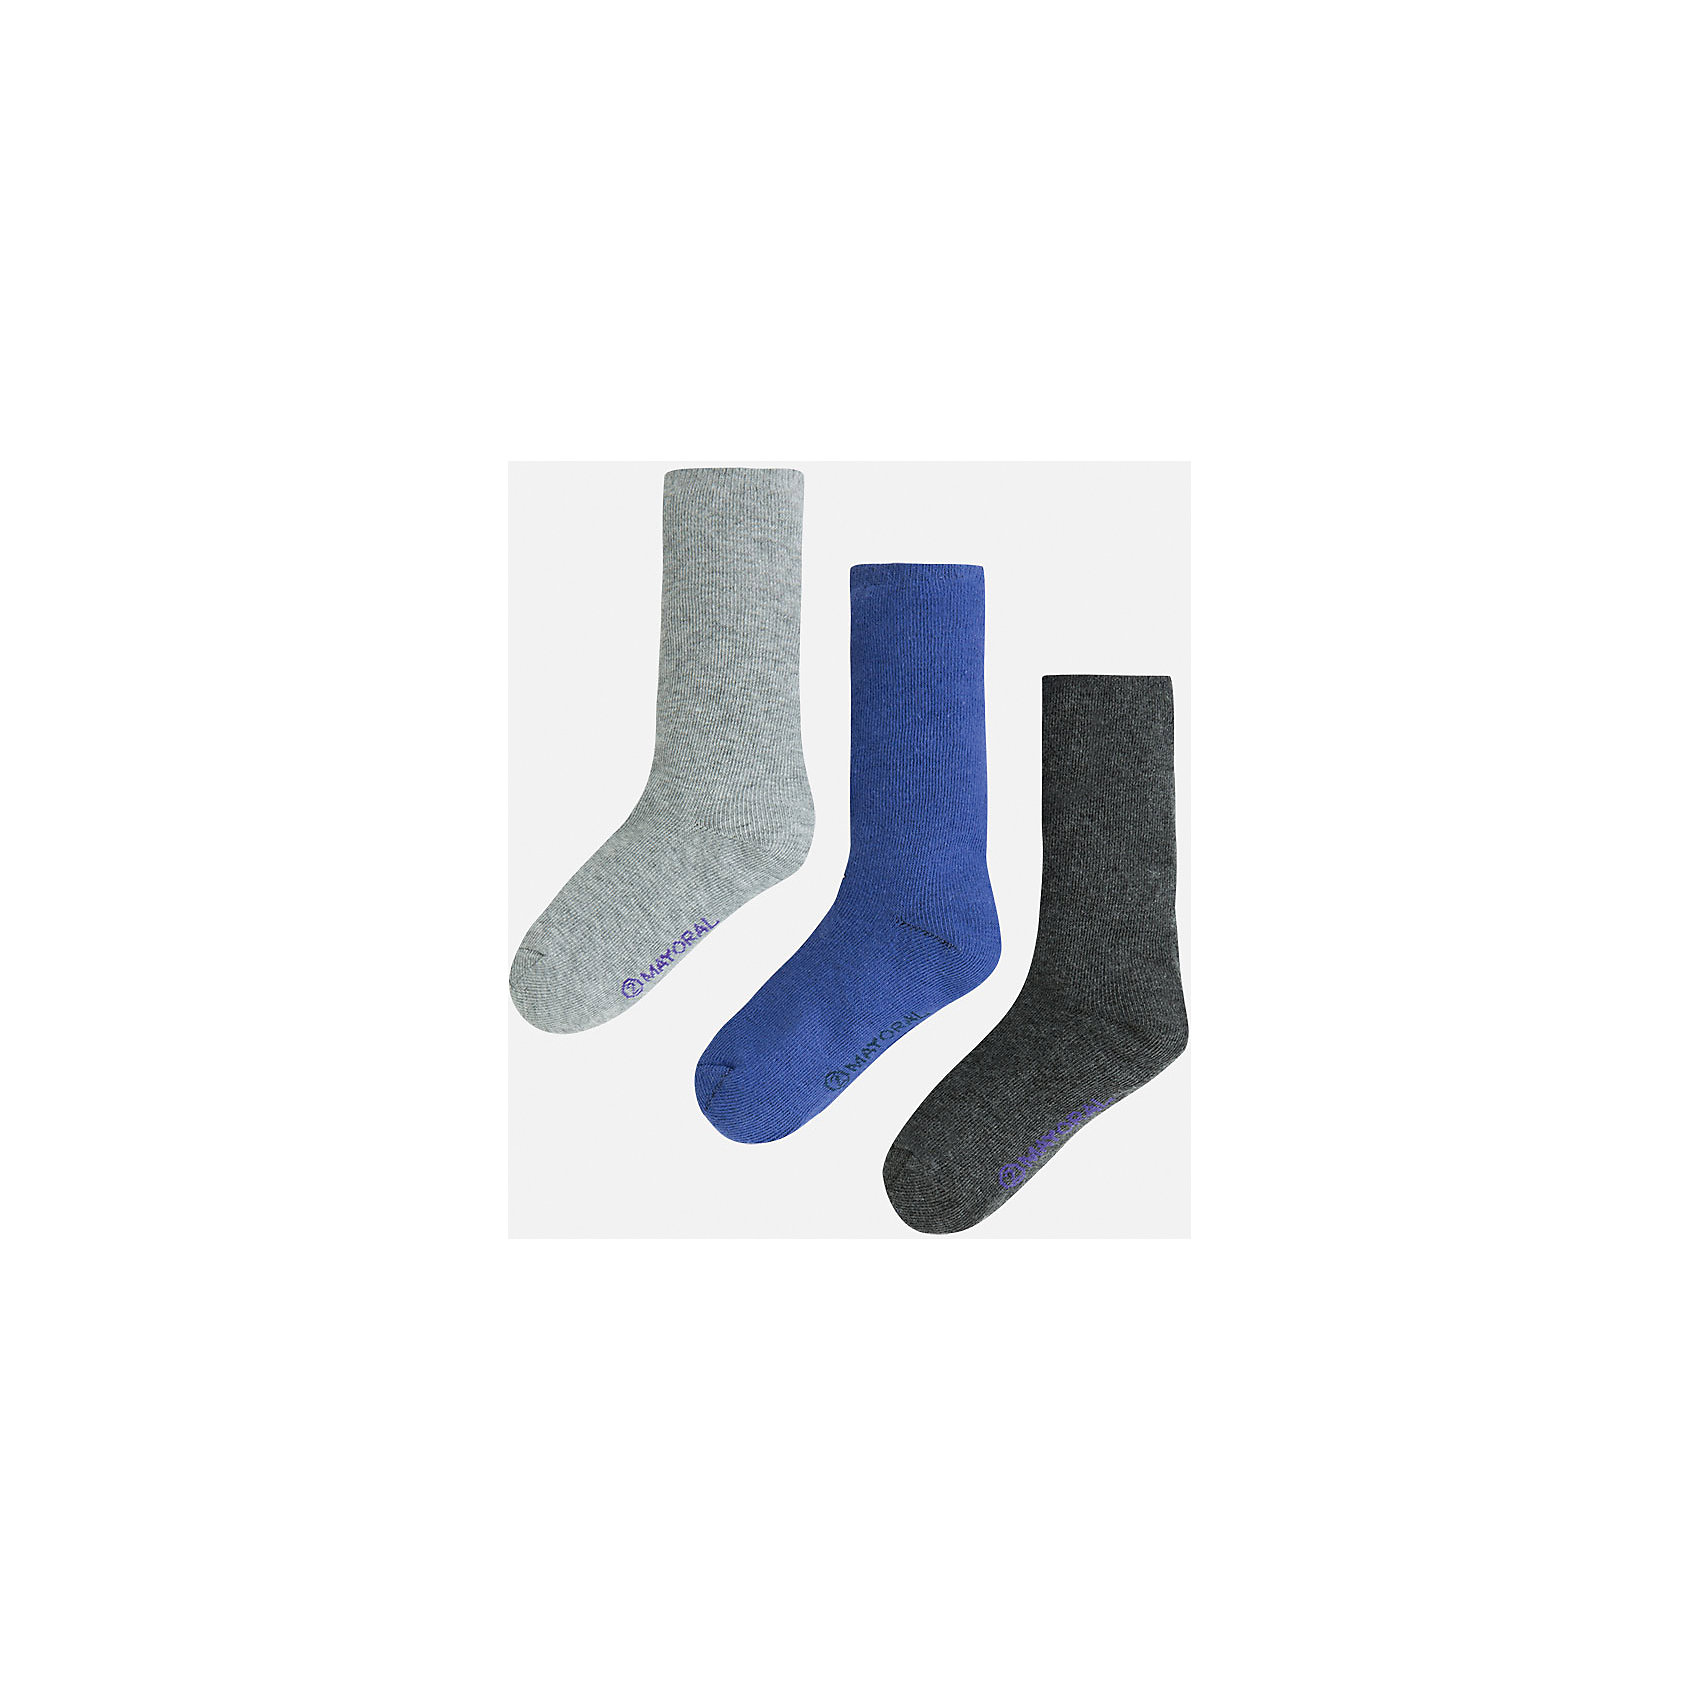 Носки для мальчика, 3 парыНоски<br>Комплект из 3 пар носков для мальчика от известного испанского бренда Mayoral. Изготовлены из качественных и дышащим материалов. Однотонные носки - отличный вариант на каждый день!<br>Дополнительная информация:<br>-цвет: серый; синий; темно-серый<br>-состав: 75% хлопок, 23% полиэстер, 2% эластан<br>Комплект носков Mayoral можно приобрести в нашем интернет-магазине.<br><br>Ширина мм: 87<br>Глубина мм: 10<br>Высота мм: 105<br>Вес г: 115<br>Цвет: синий<br>Возраст от месяцев: 60<br>Возраст до месяцев: 72<br>Пол: Мужской<br>Возраст: Детский<br>Размер: 6,4,8<br>SKU: 4820145